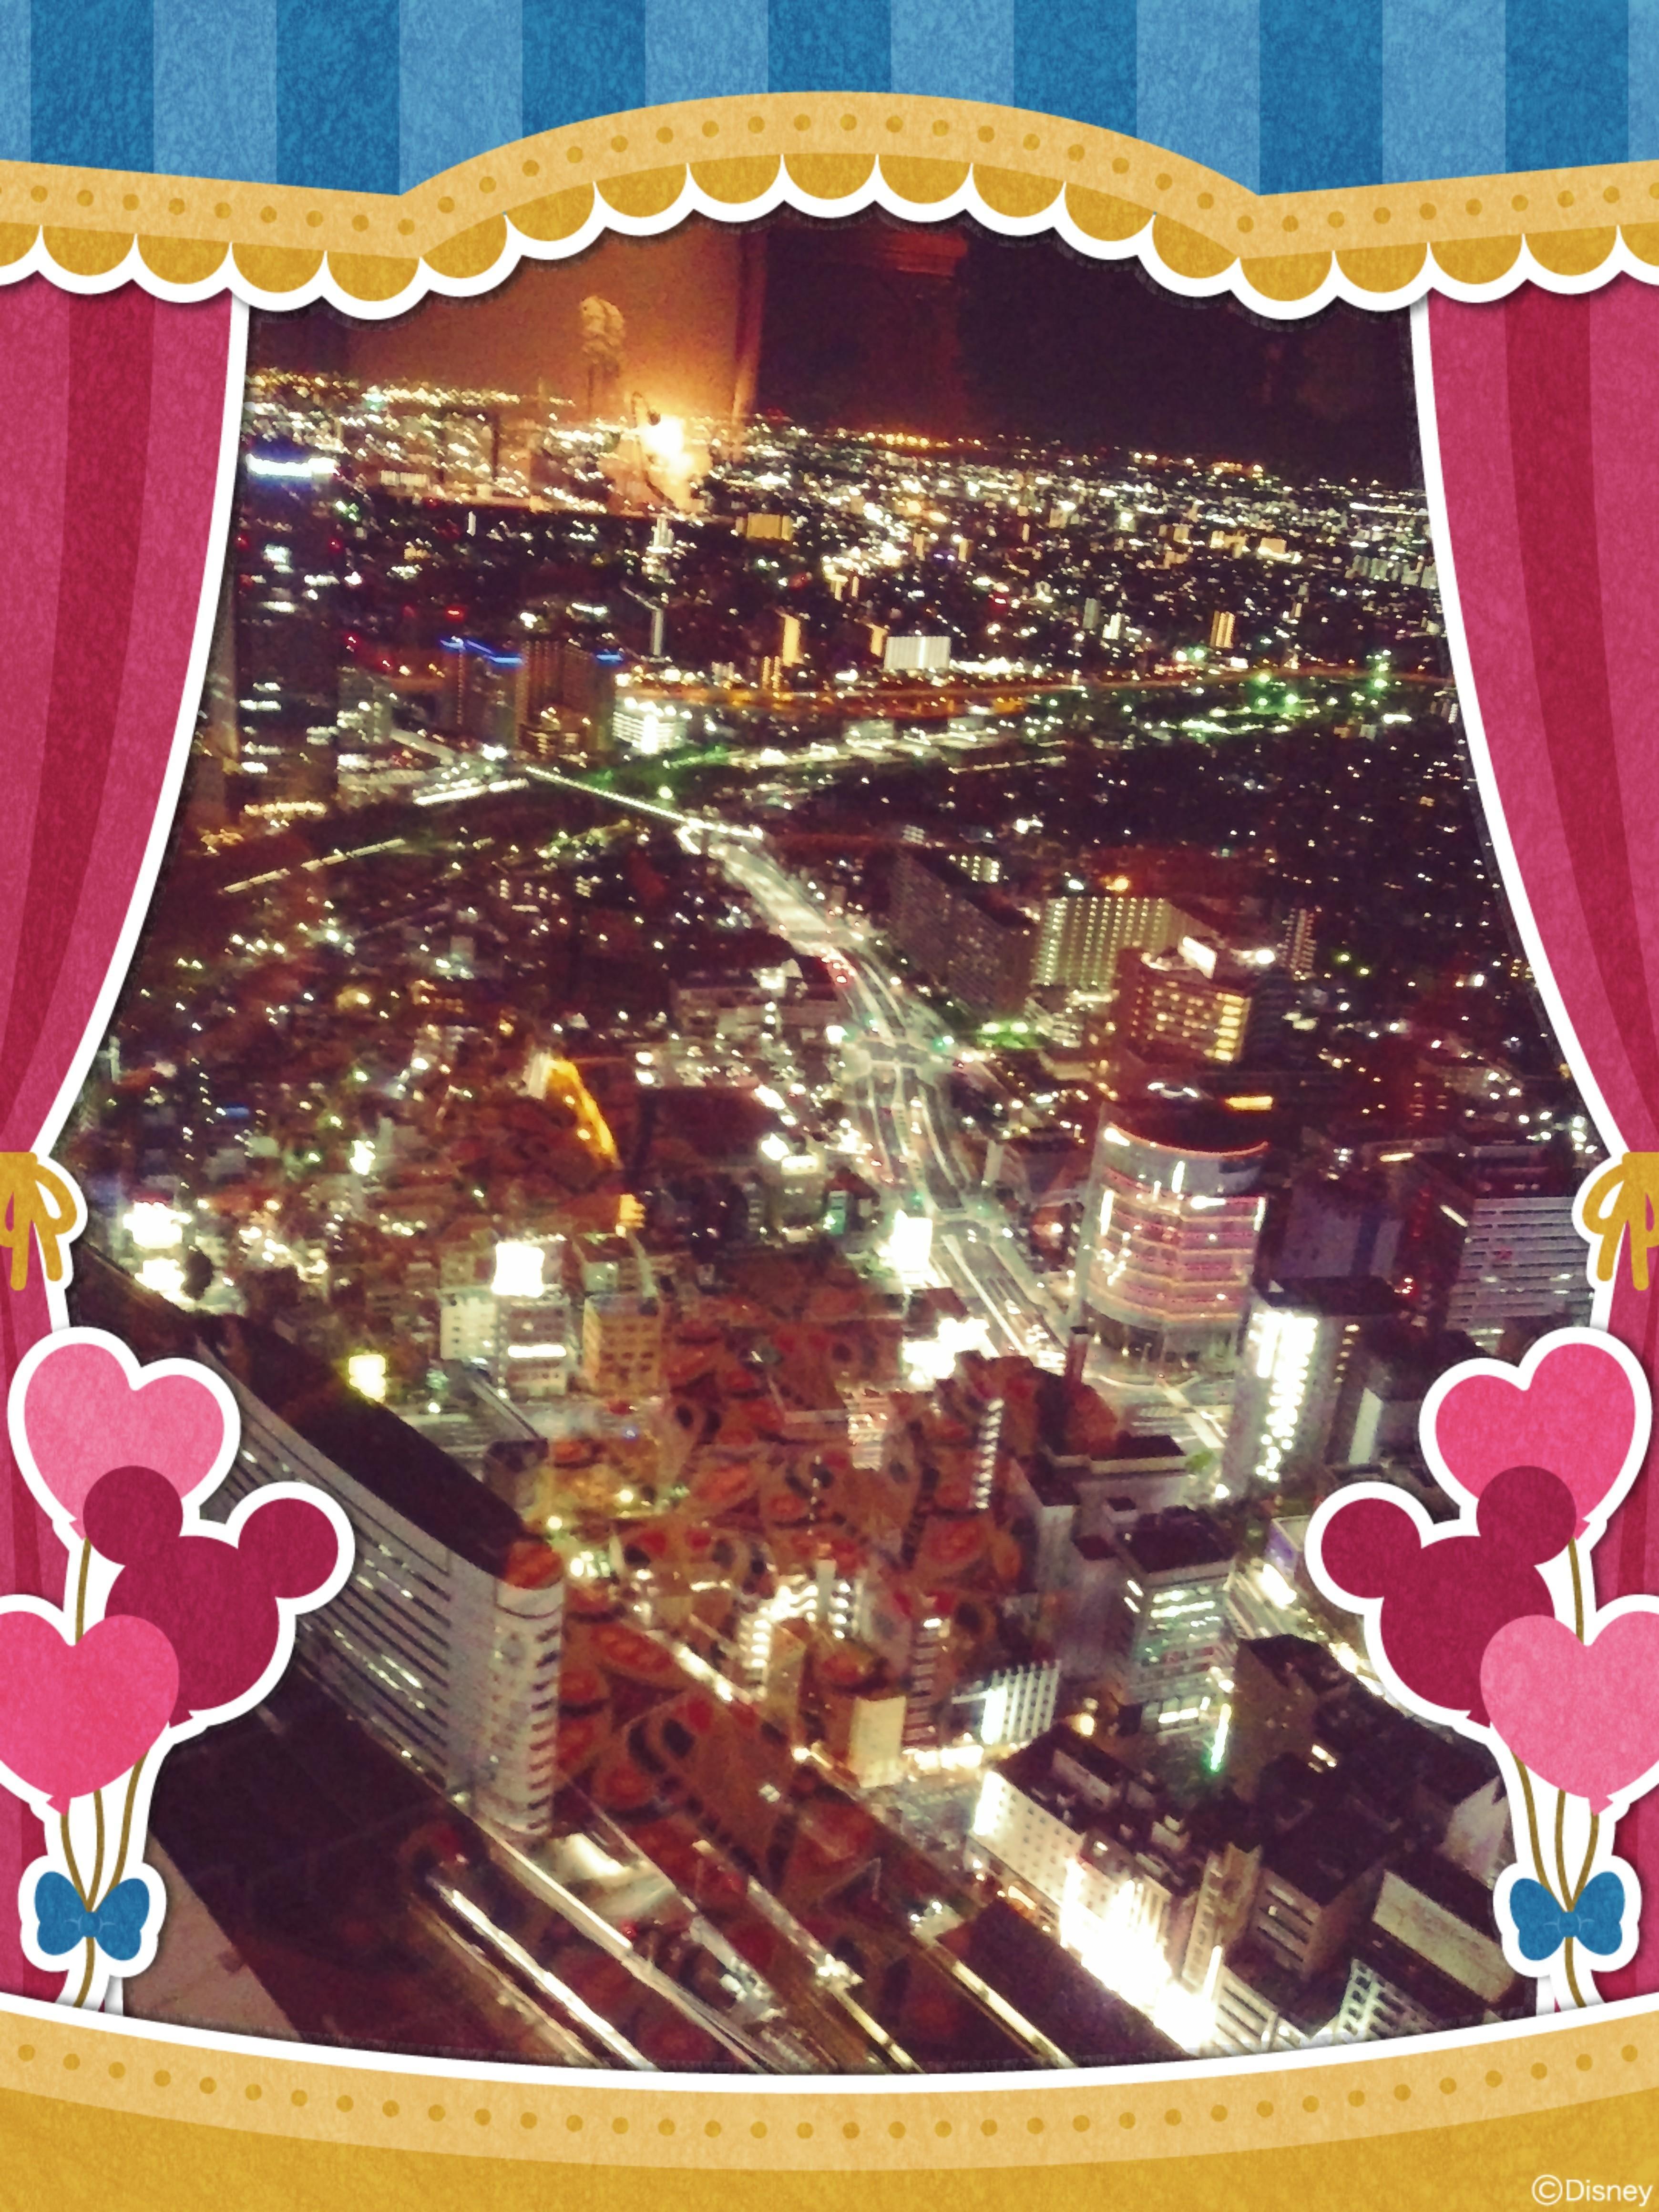 うぶ「☆おはようございます☆」12/10(月) 05:24 | うぶの写メ・風俗動画